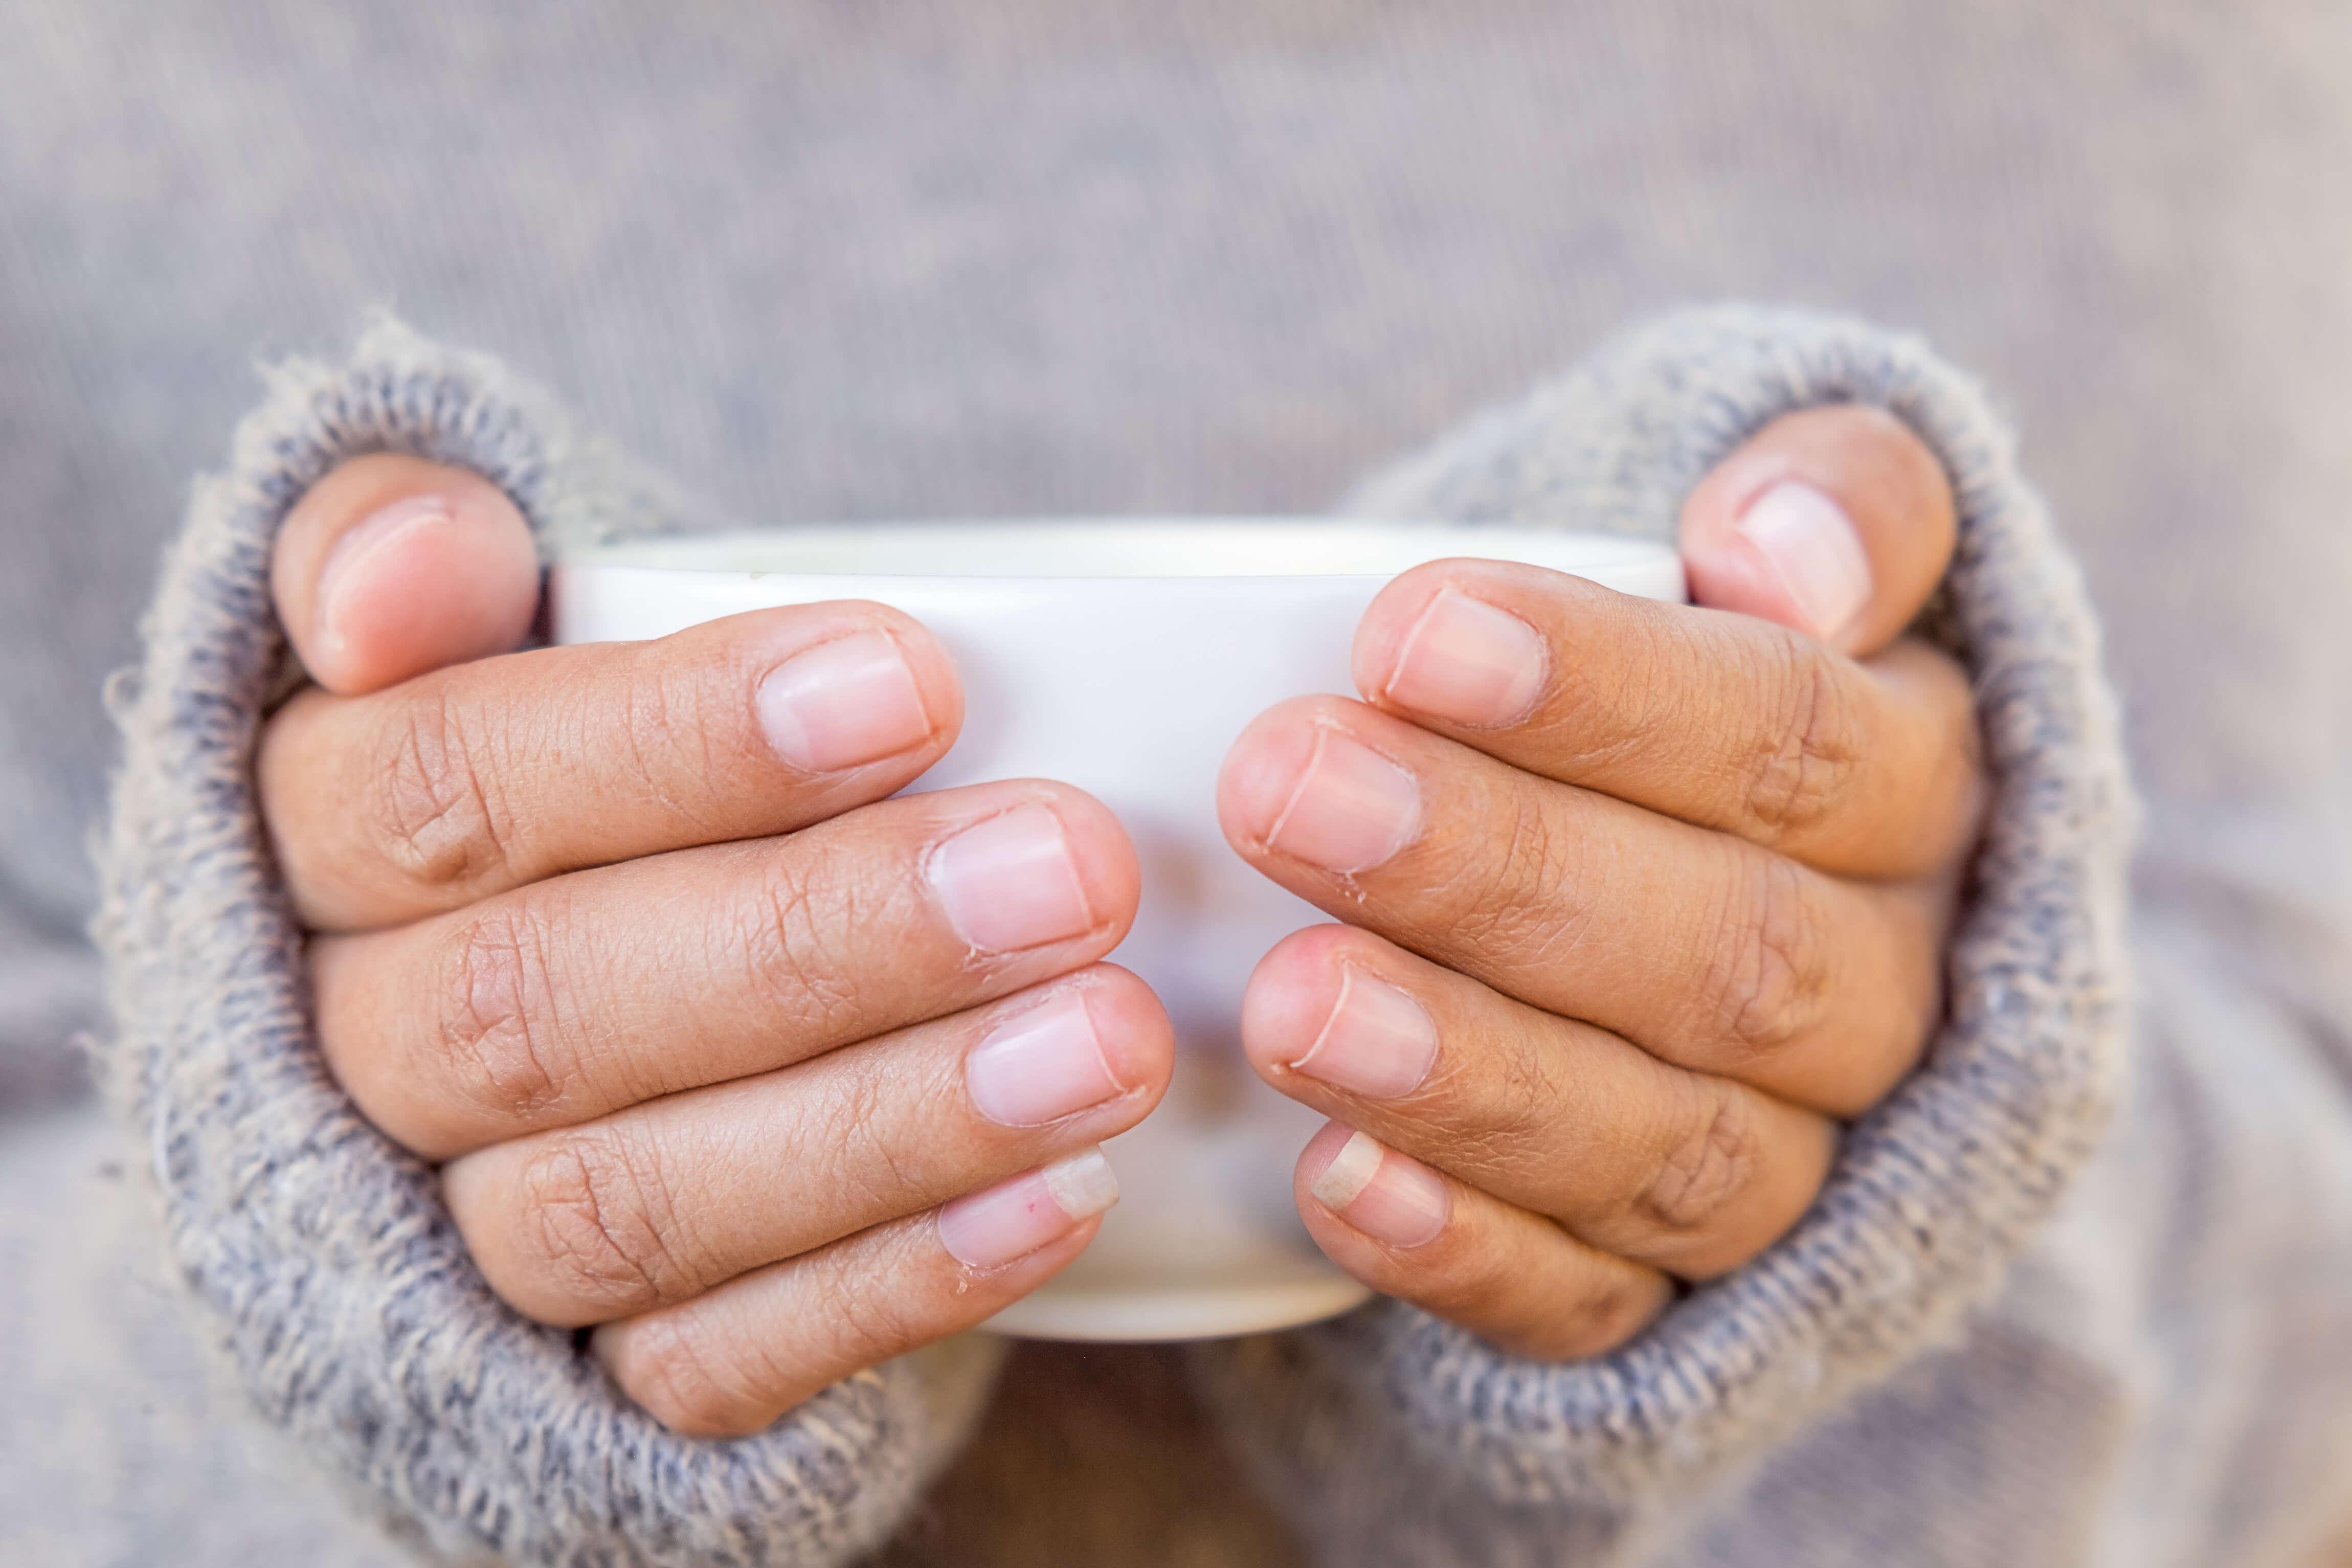 ständig Kalte Hände gesundes Leben Tipps